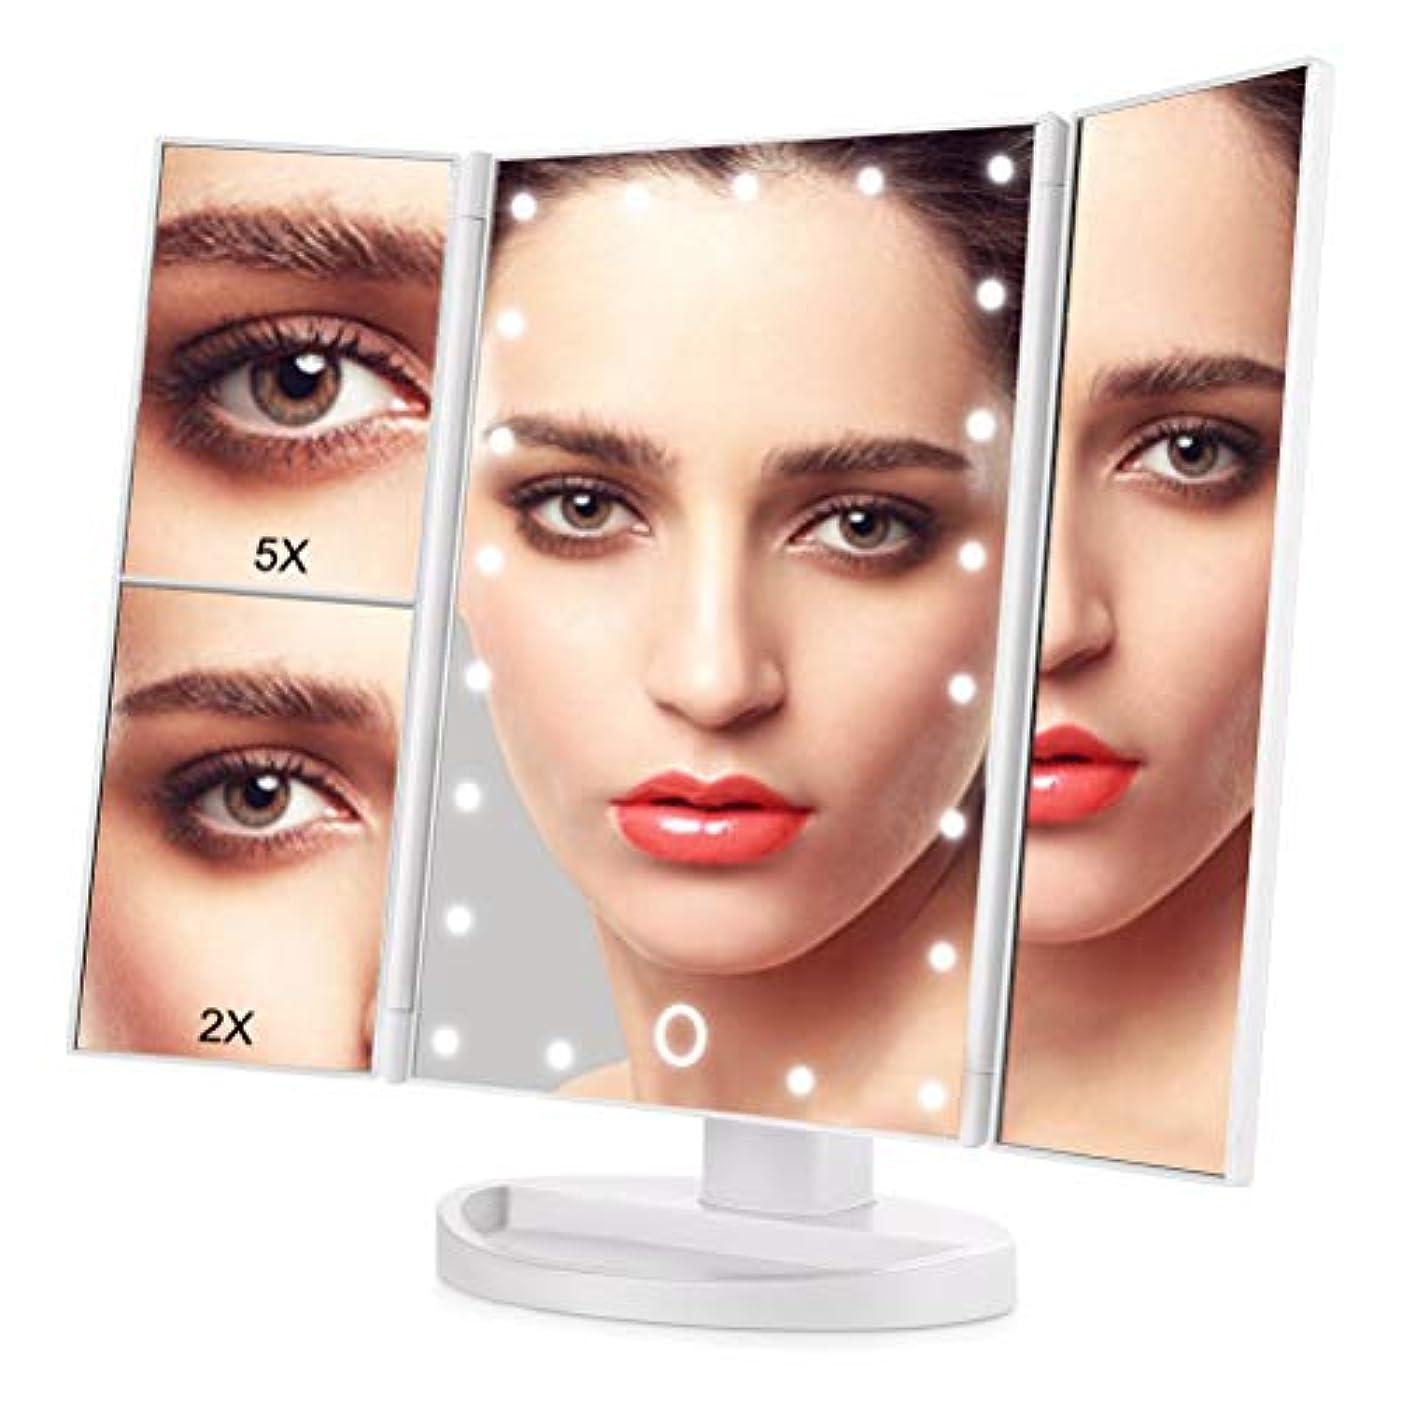 タヒチまともな大胆なOKISS 三面鏡 化粧鏡 卓上 ミラー 鏡 ledライト 化粧ミラー メイクアップミラー 2倍と5倍拡大鏡付き 明るさ調節可能 折り畳み式 180°回転 USB/単4電池給電